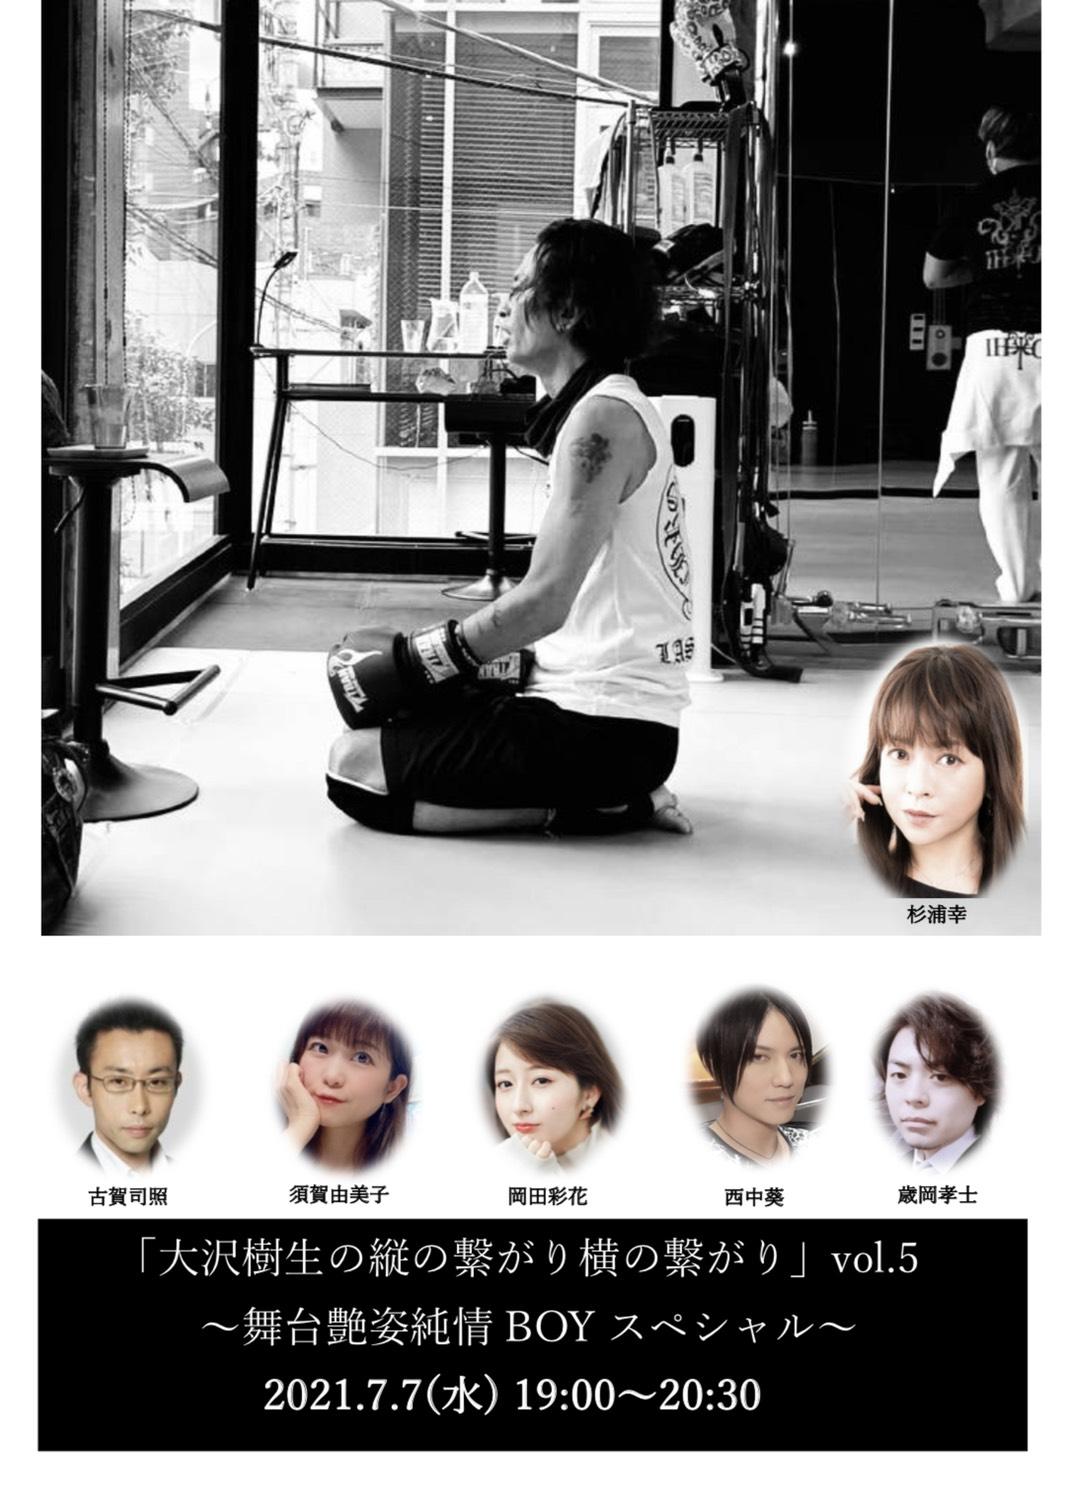 アーカイブ『大沢樹生縦の繋がり✖横の繋がりVol.5』〜舞台艶姿純情BOYスペシャル〜